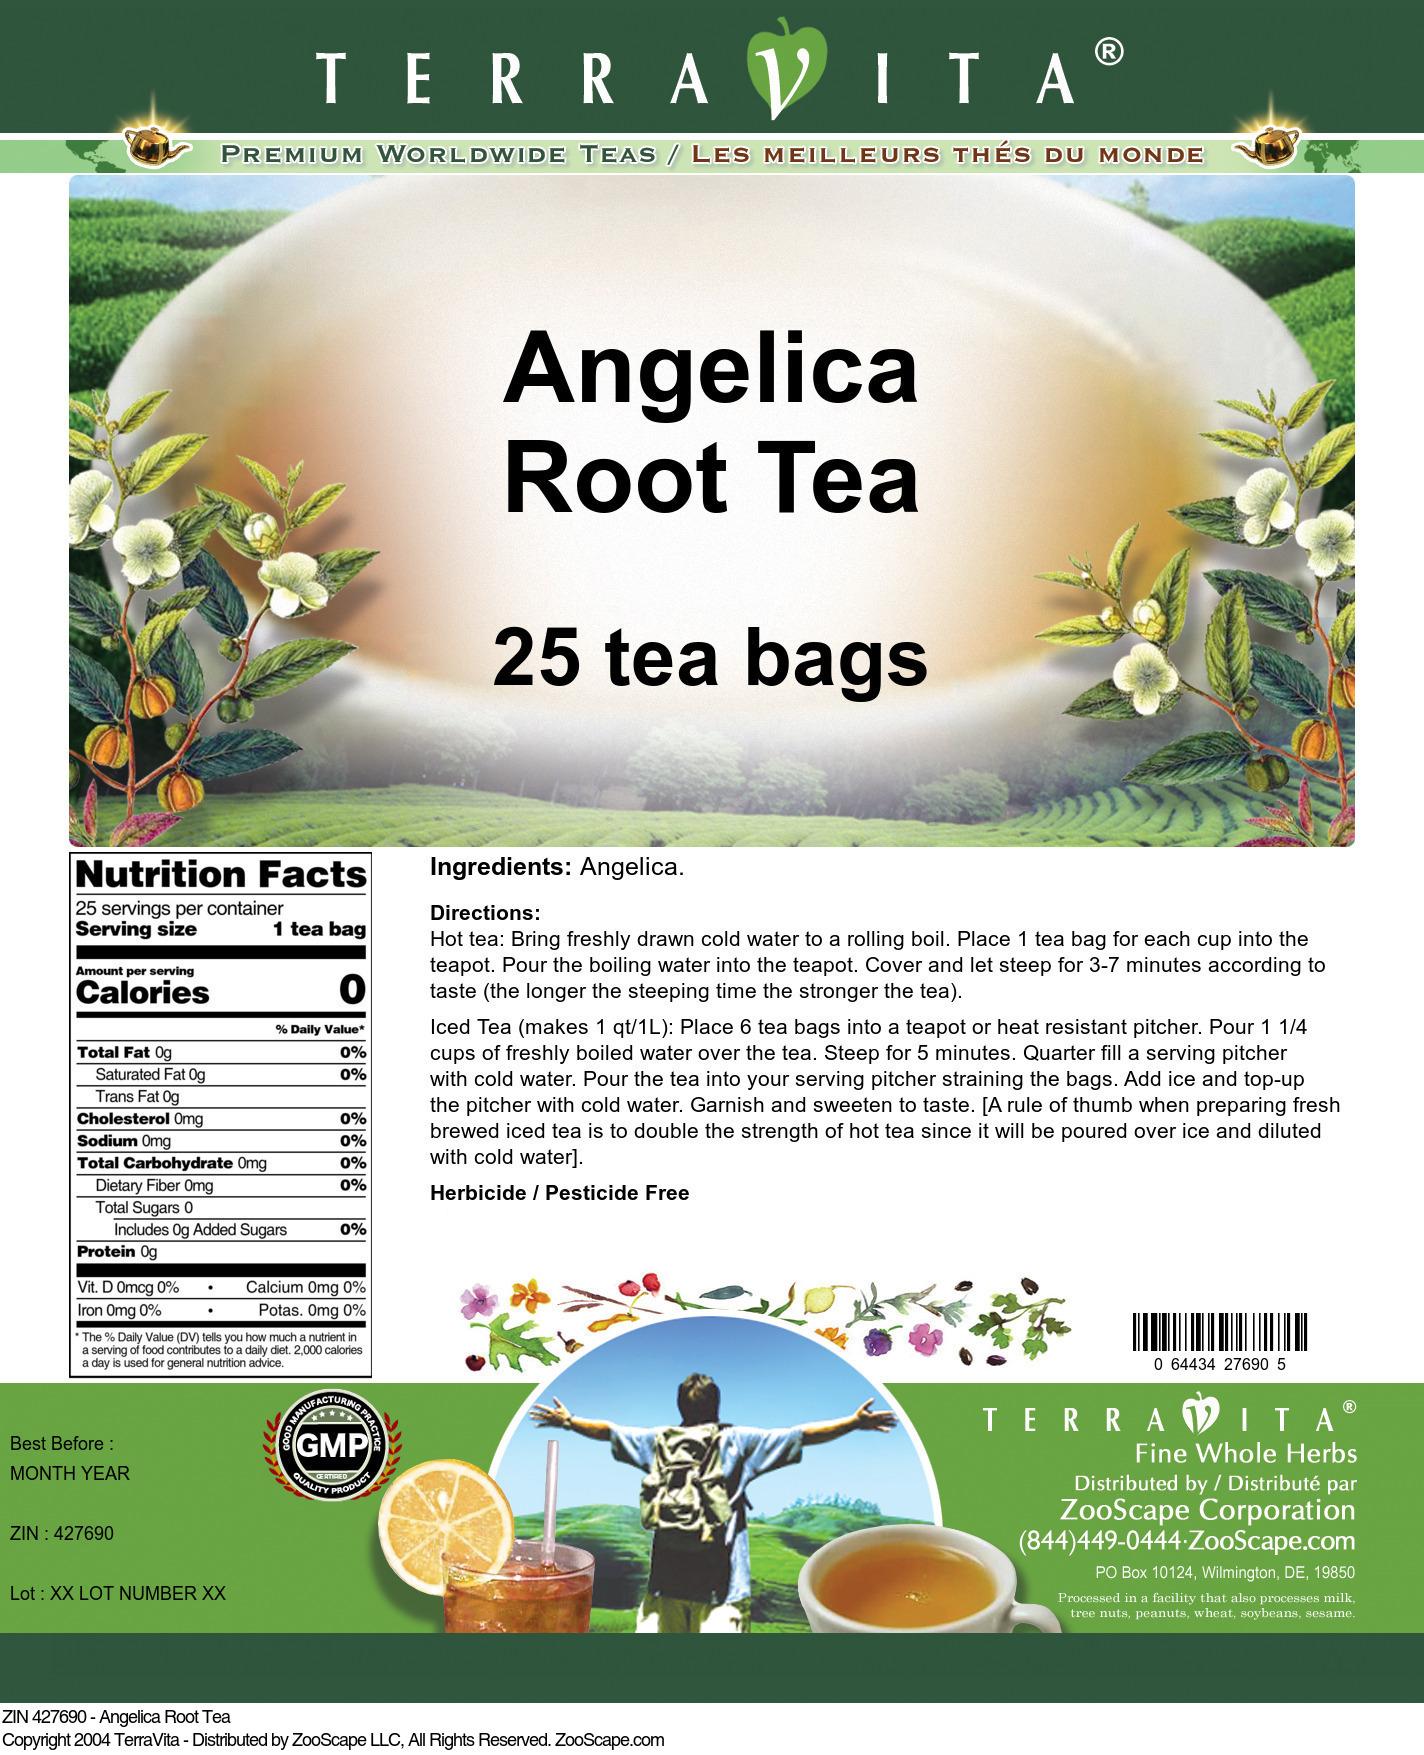 Angelica Root Tea